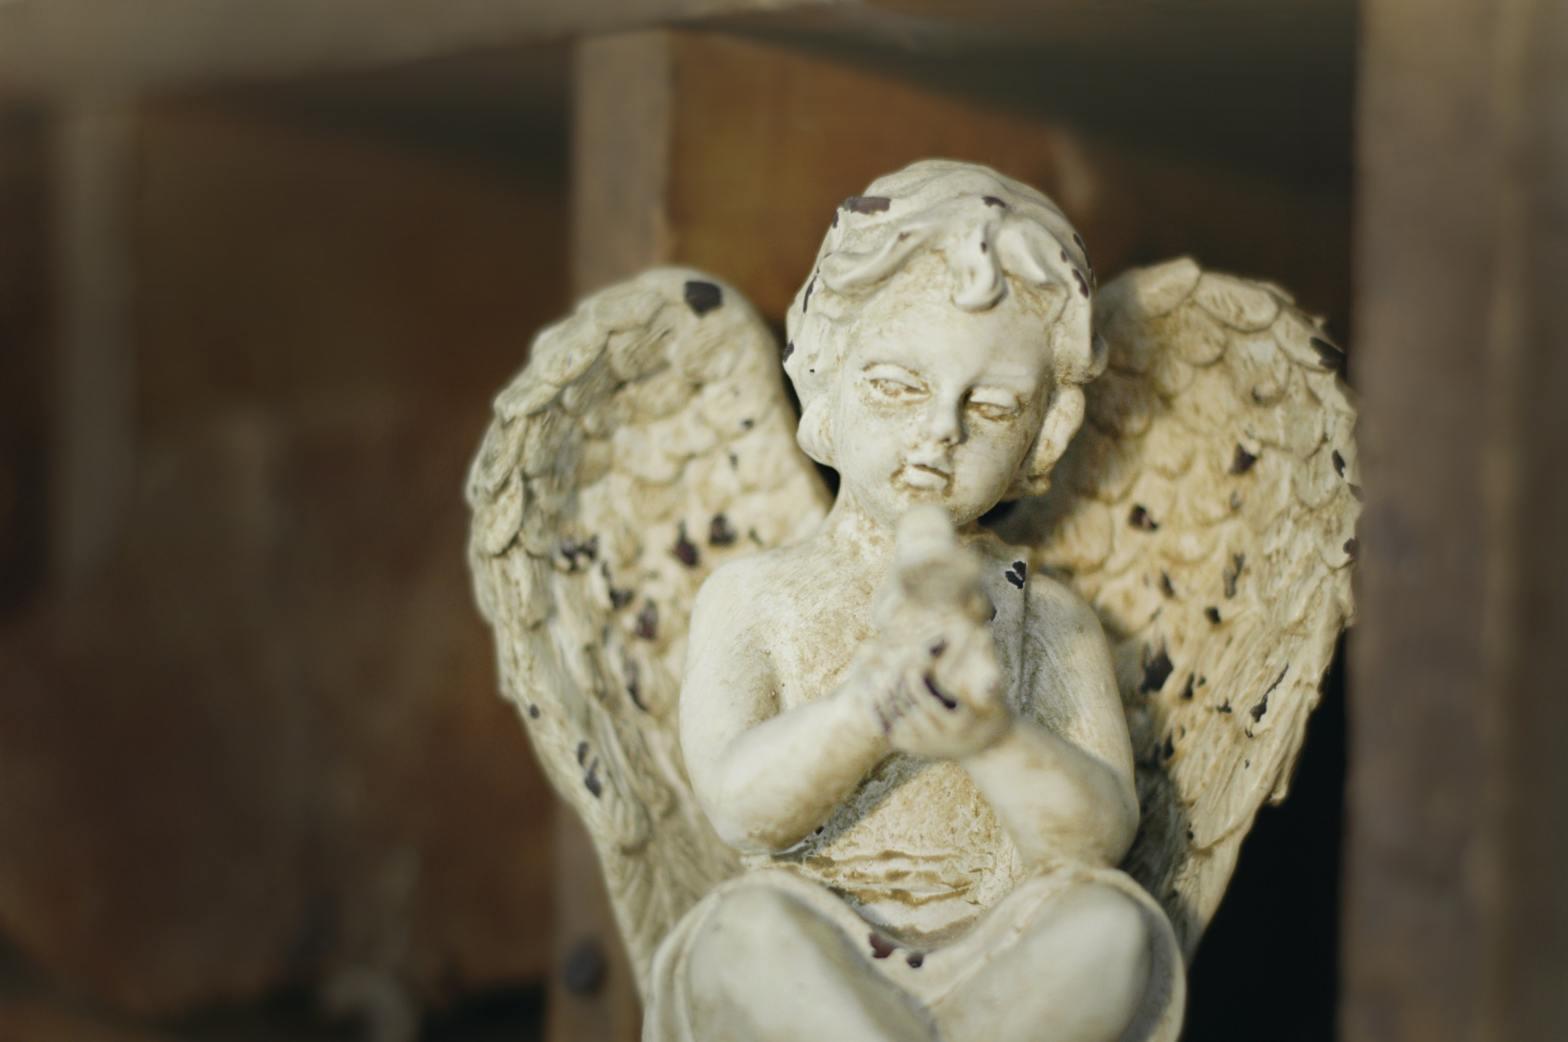 photo of cherub statue